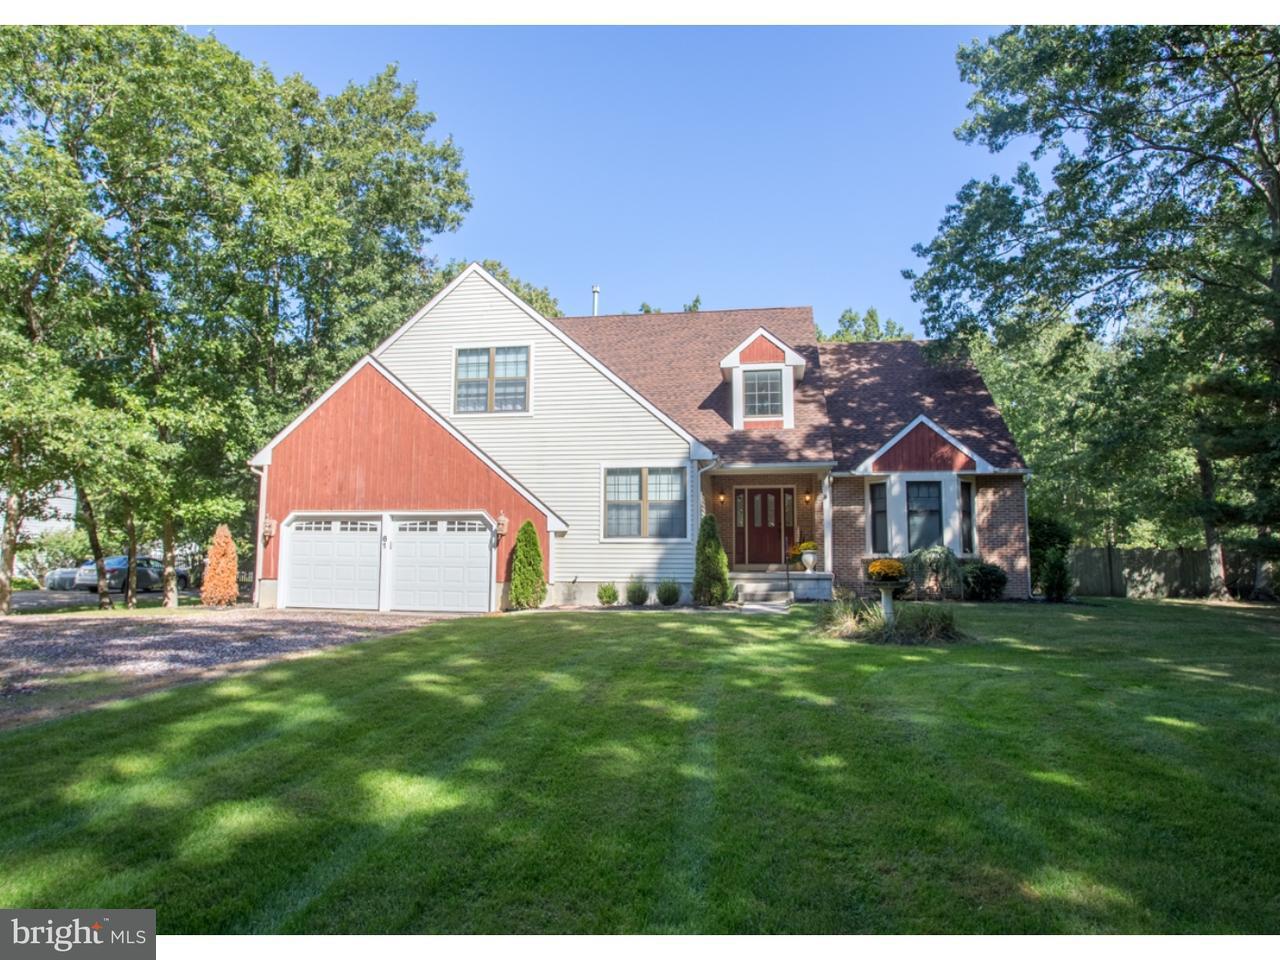 Maison unifamiliale pour l Vente à 61 E FLEMING PIKE Winslow, New Jersey 08037 États-Unis